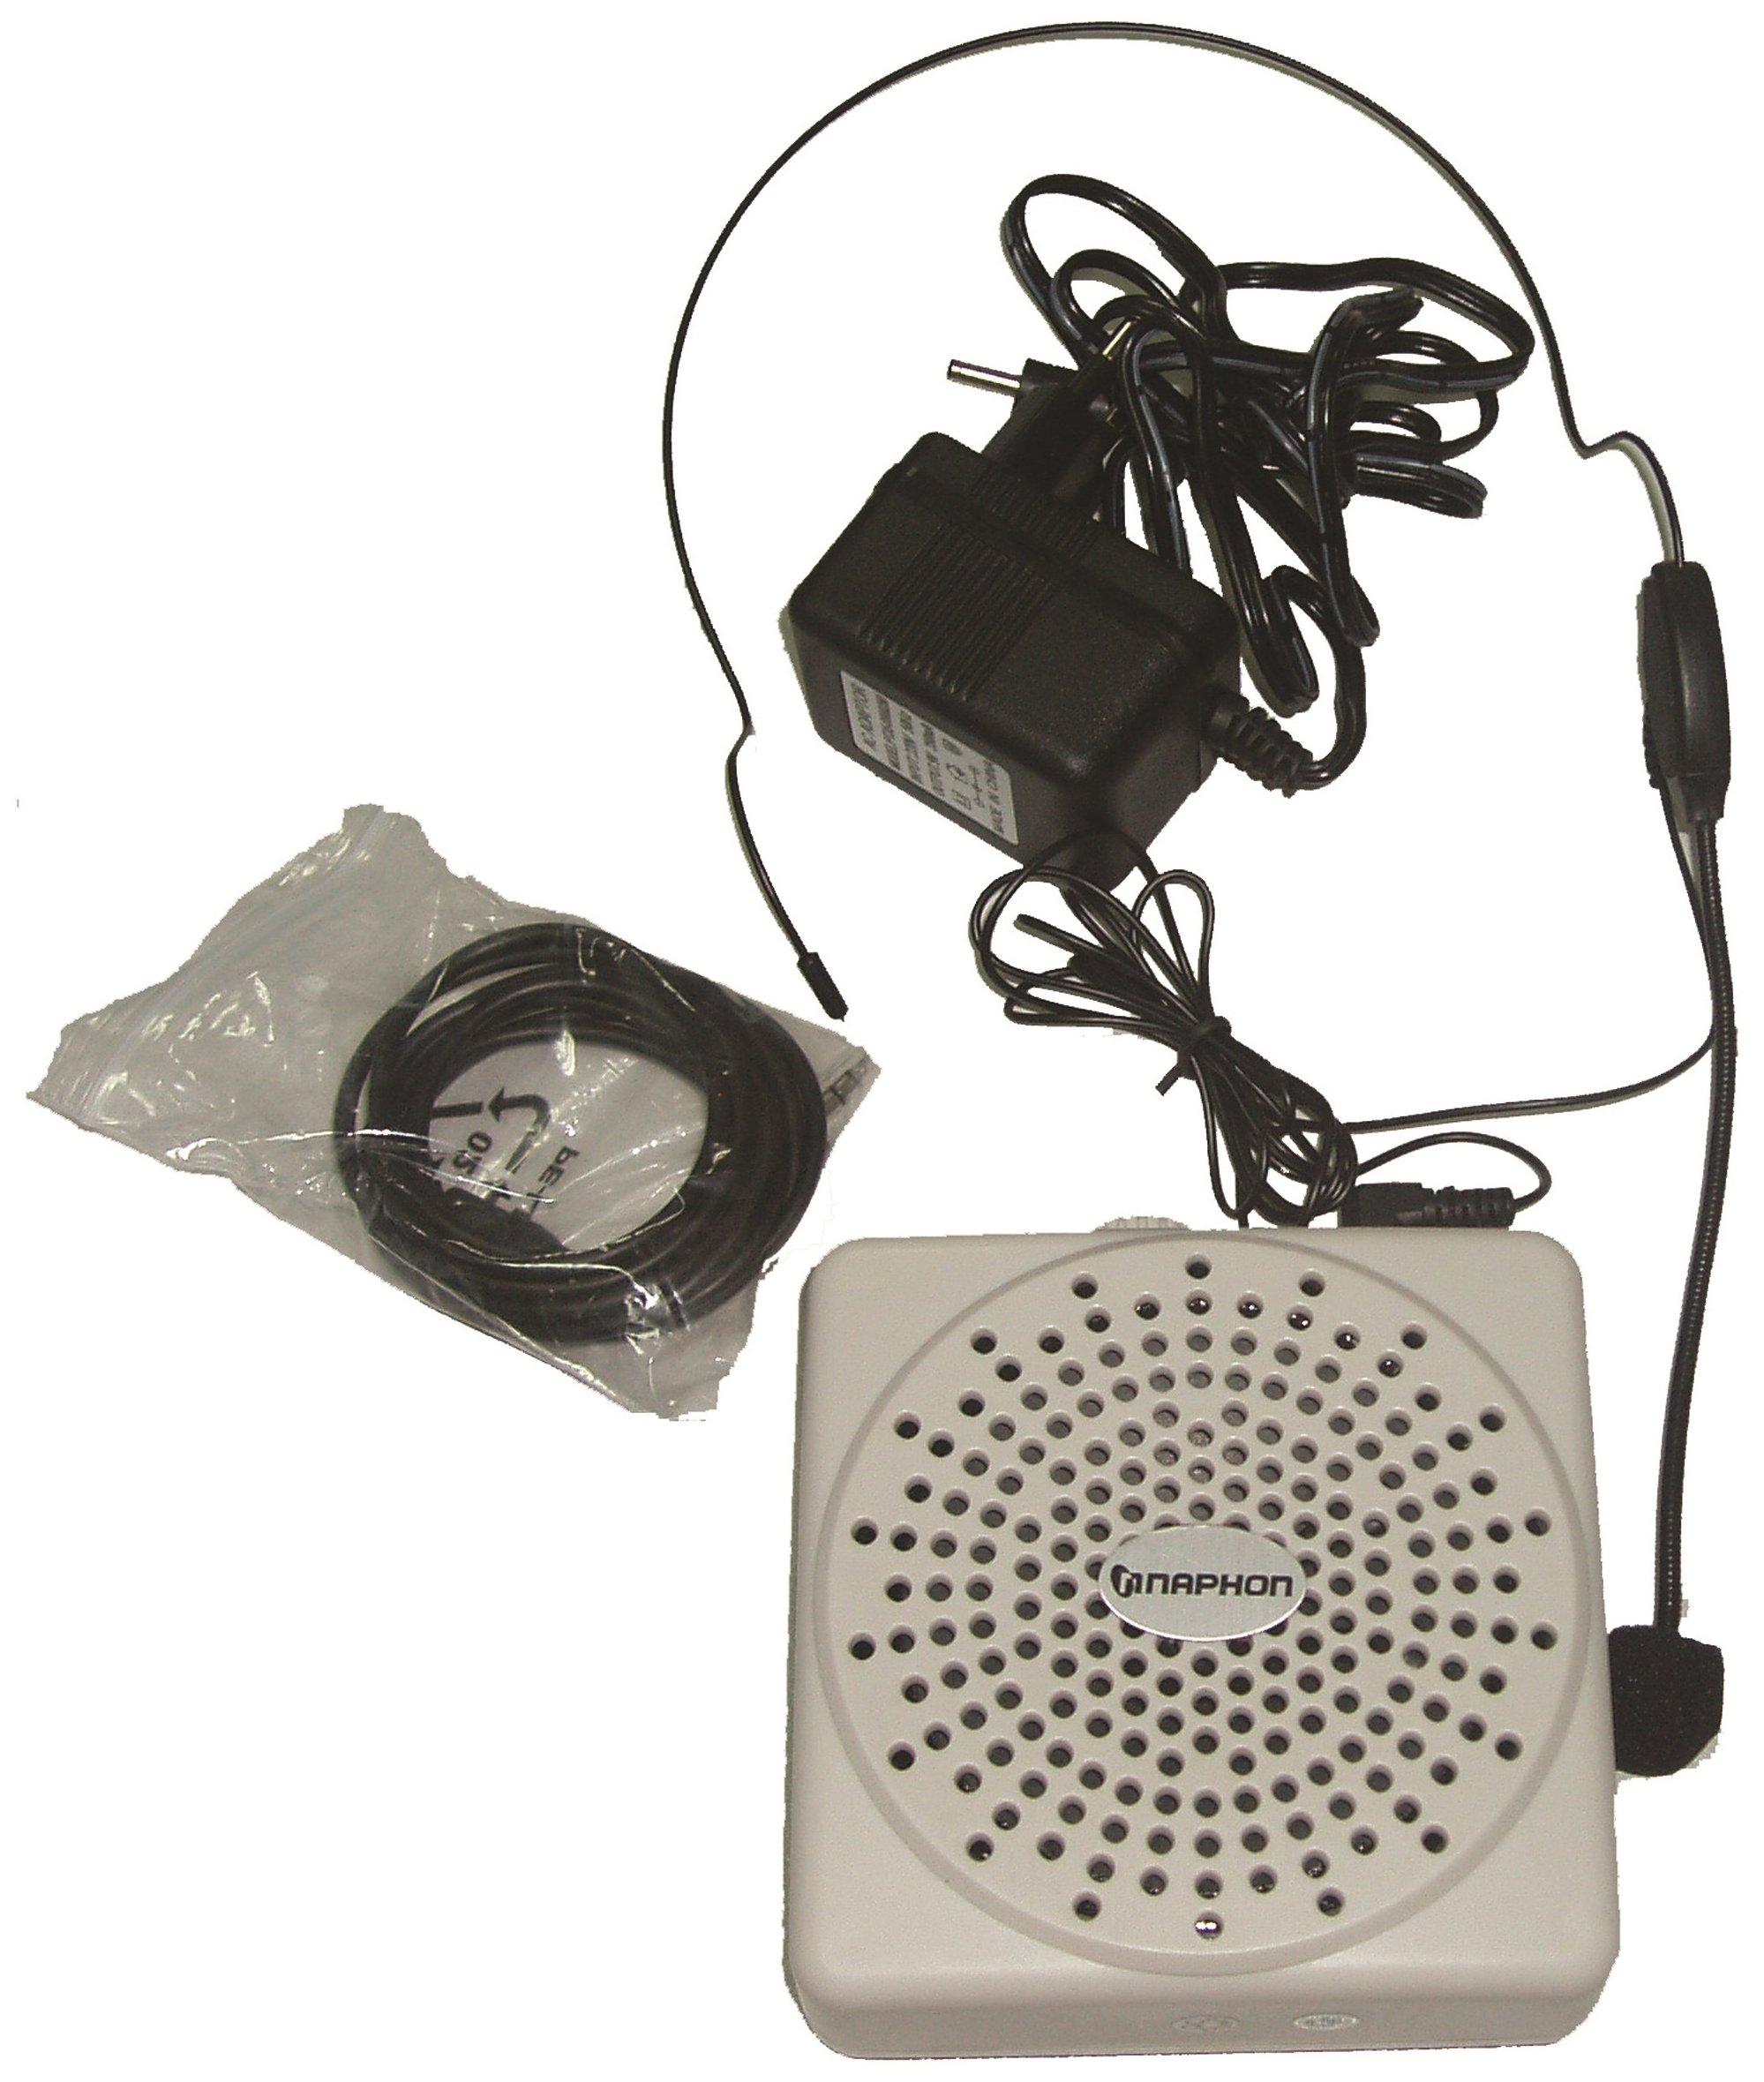 Naphon A-580U Mini Voice Amplifier by Naphon